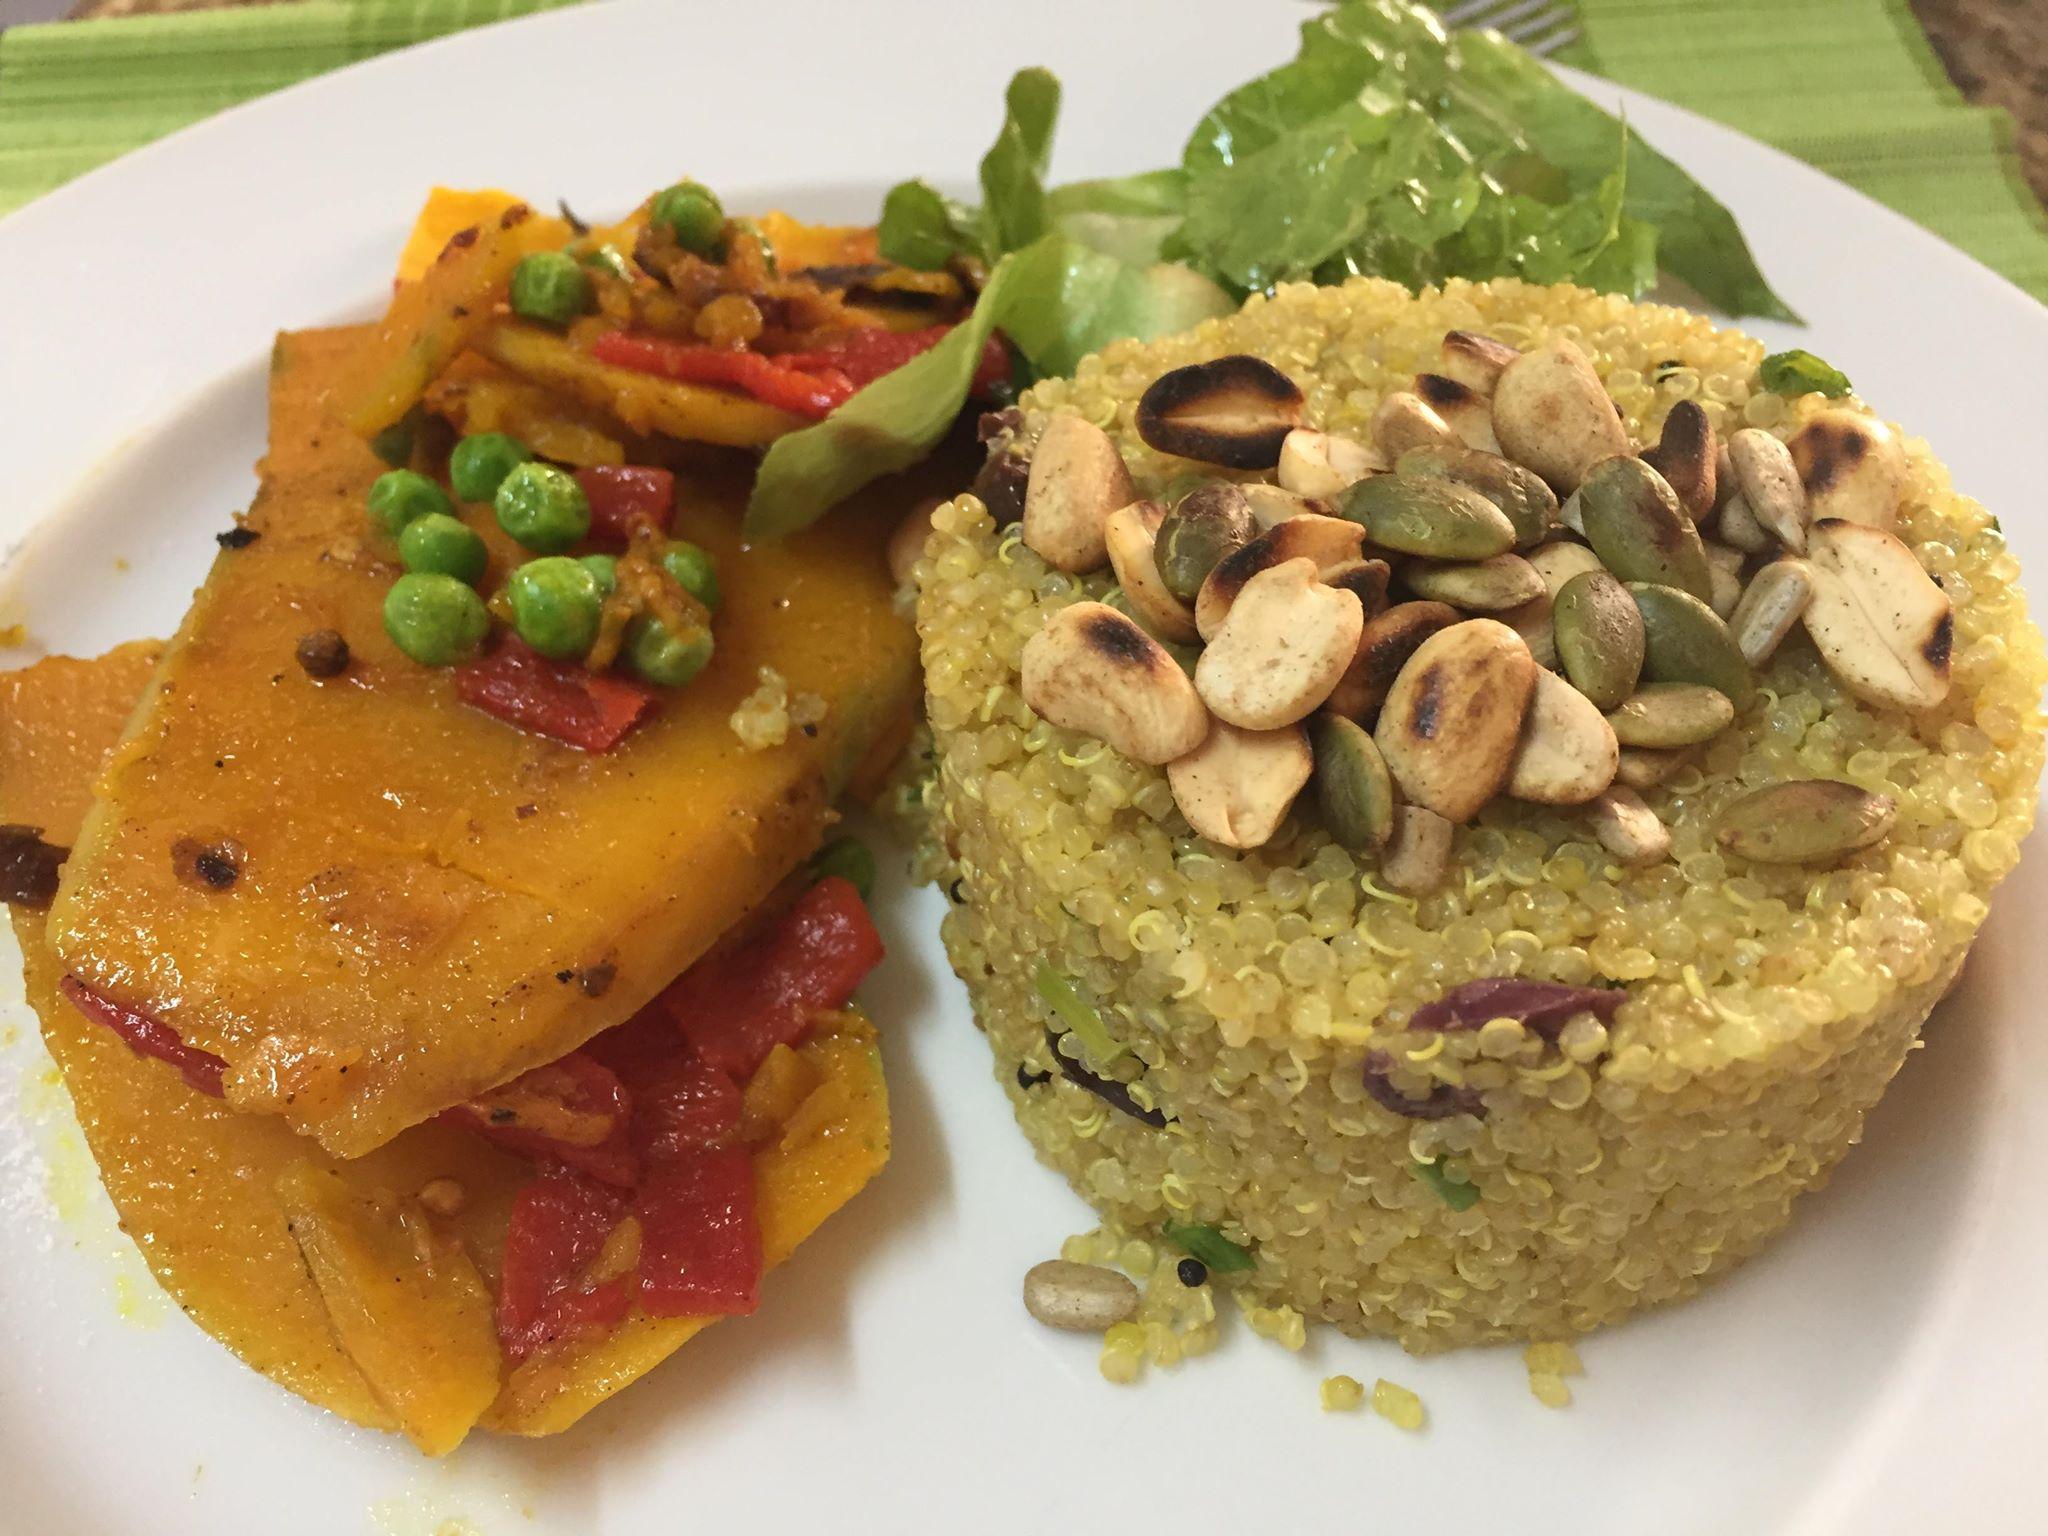 Um dos pratos ensinados pela culinarista será quinoa refogada com lascas de abóbora grelhadas e amendoim. Foto: Divulgação